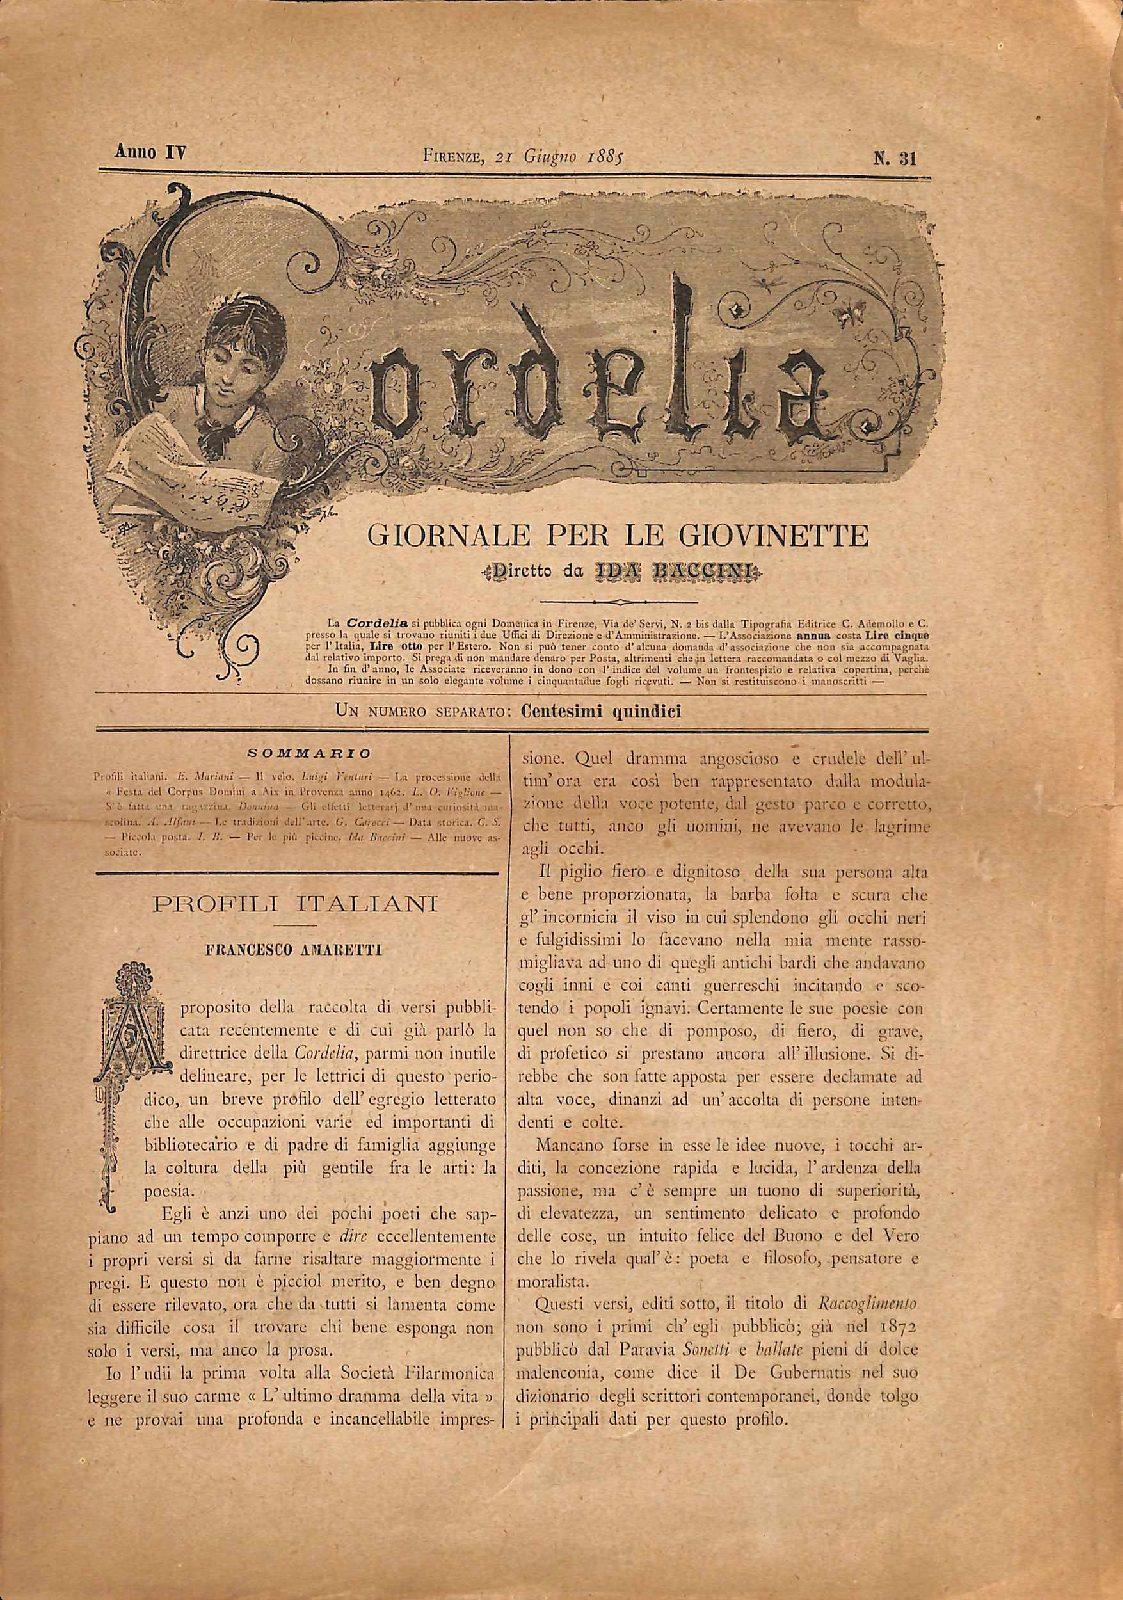 Cordelia. Giornale per le giovinette 1885, n. 31